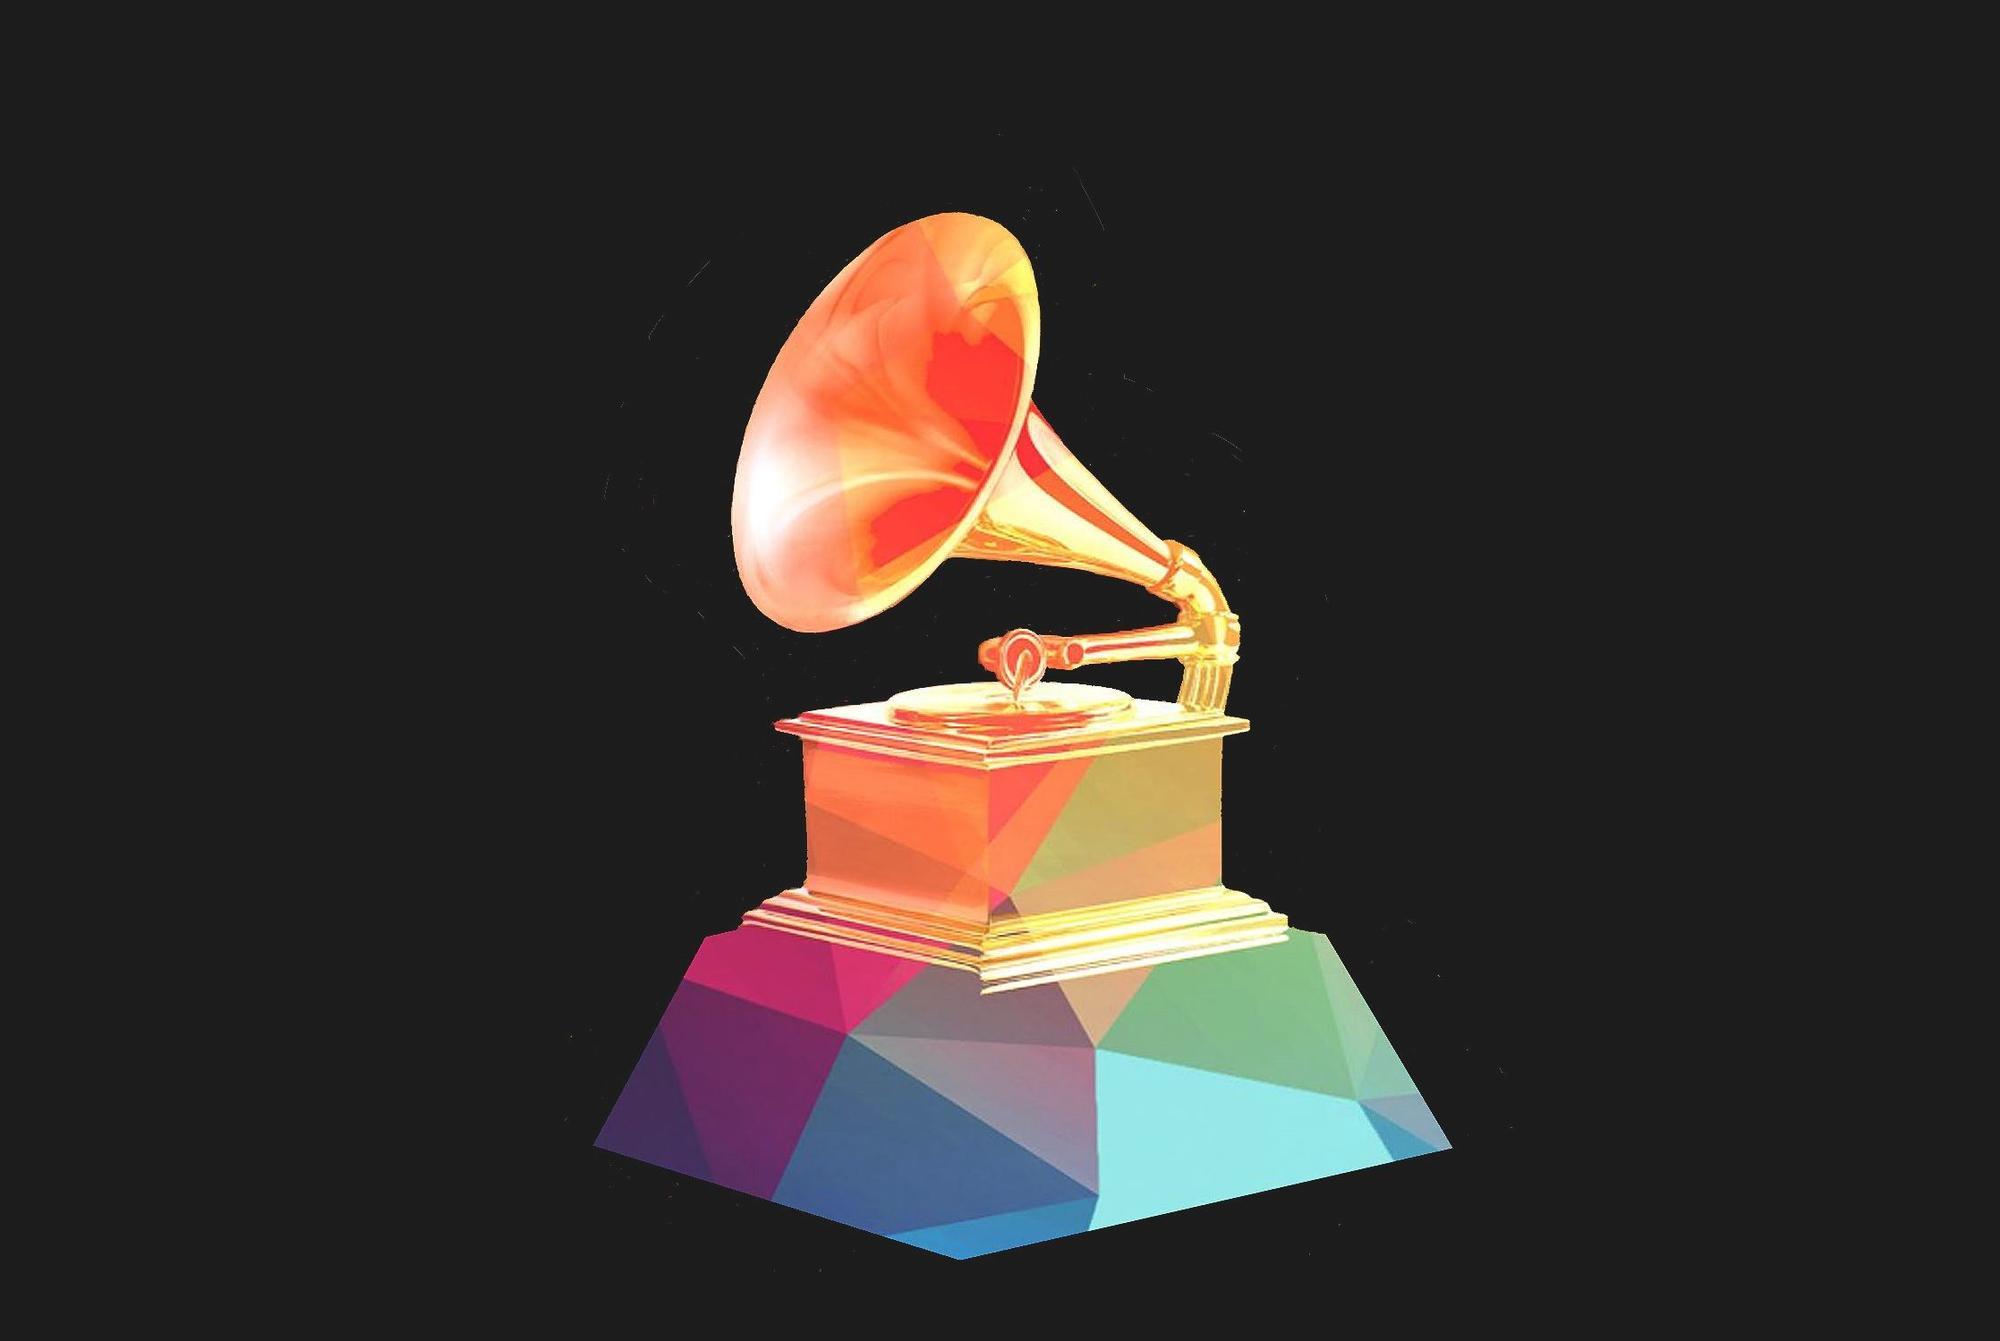 Grammy icono.jpg